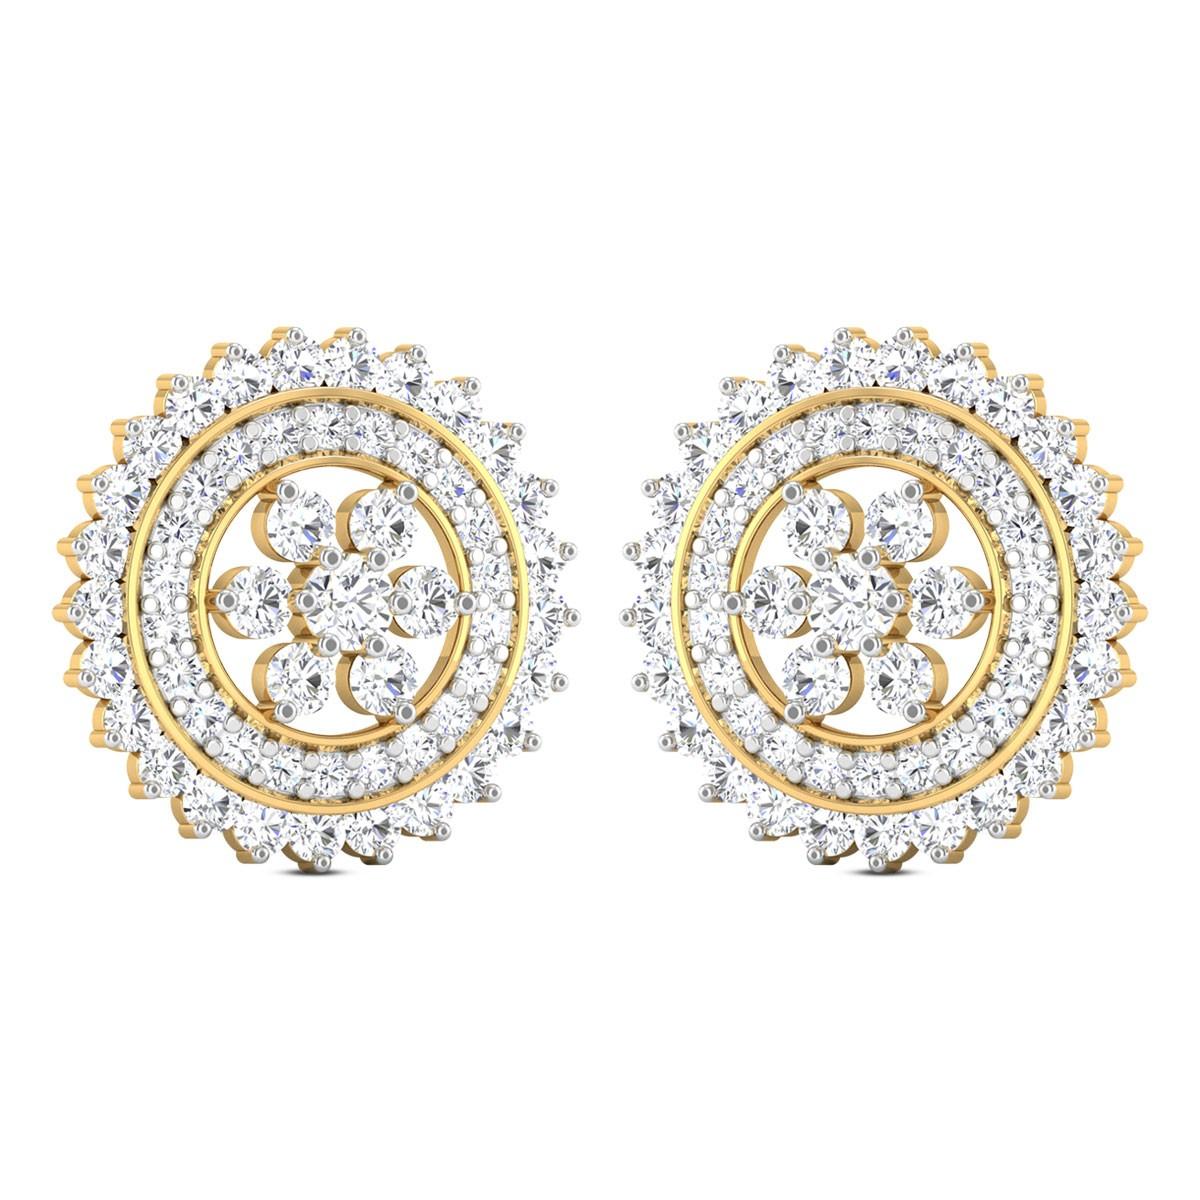 Harlow Floral Diamond Stud Earrings